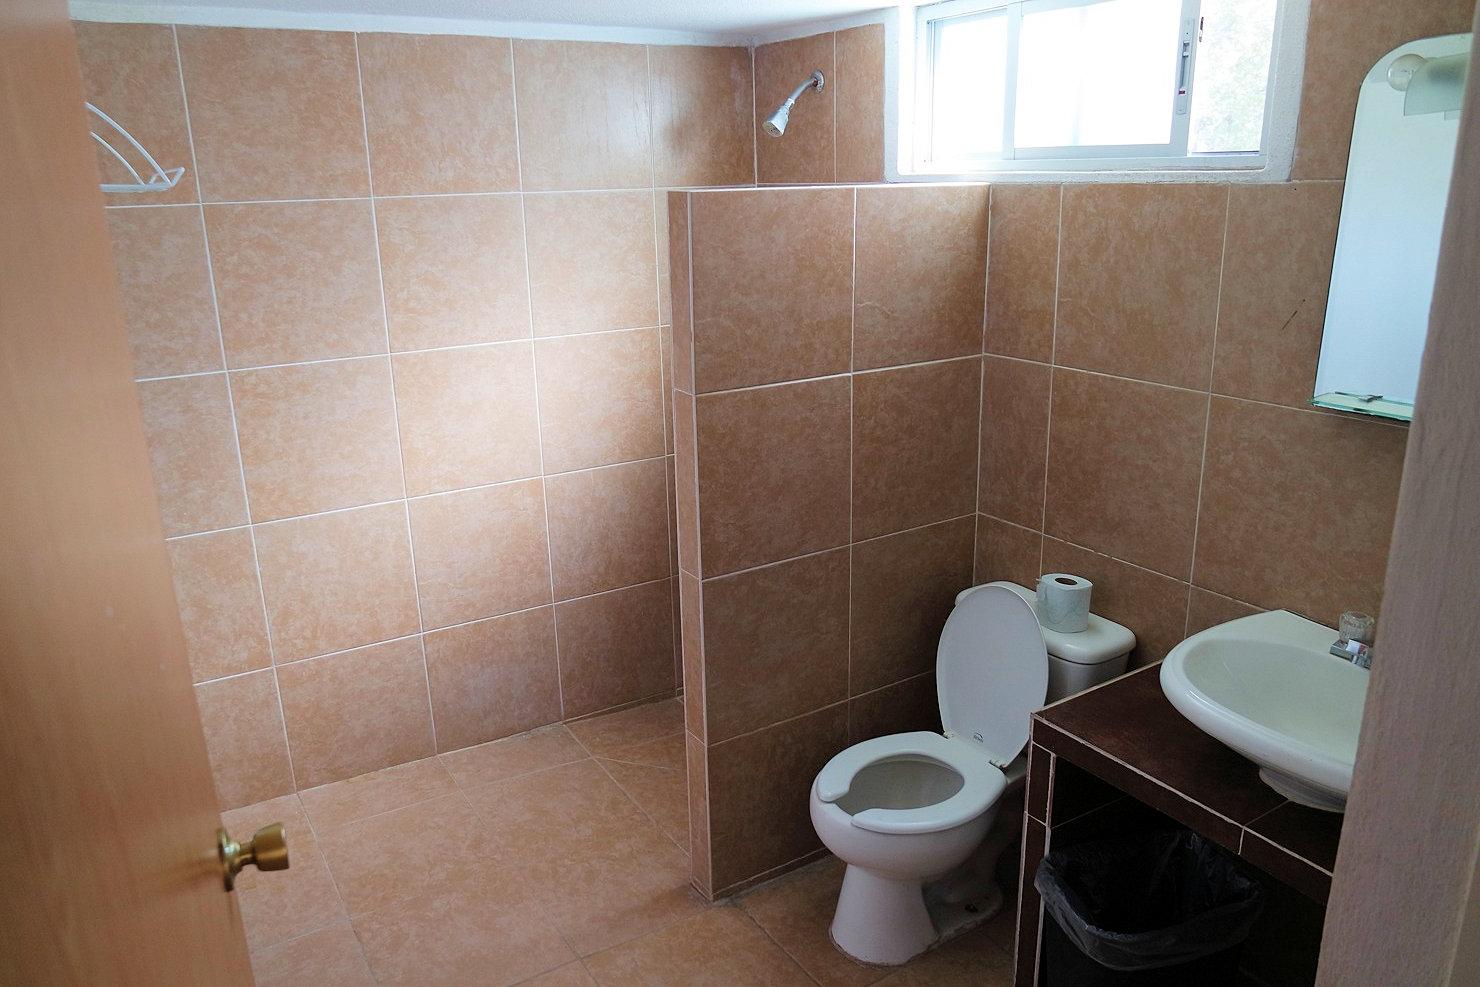 baño-cabaña-quiqueland-slp